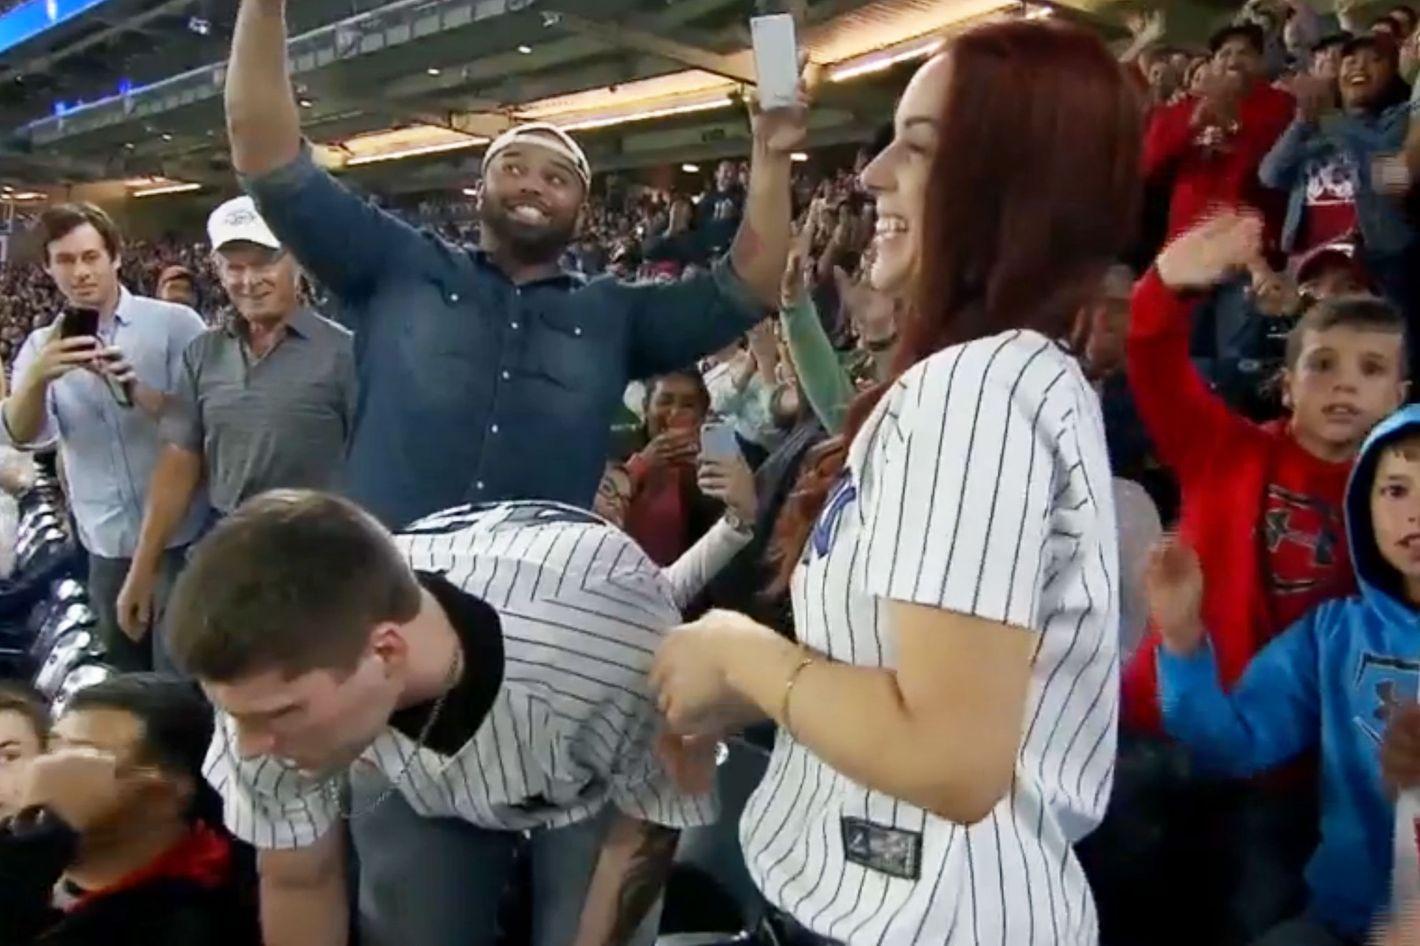 Yankees fan loses ring during proposal on Jumbotron